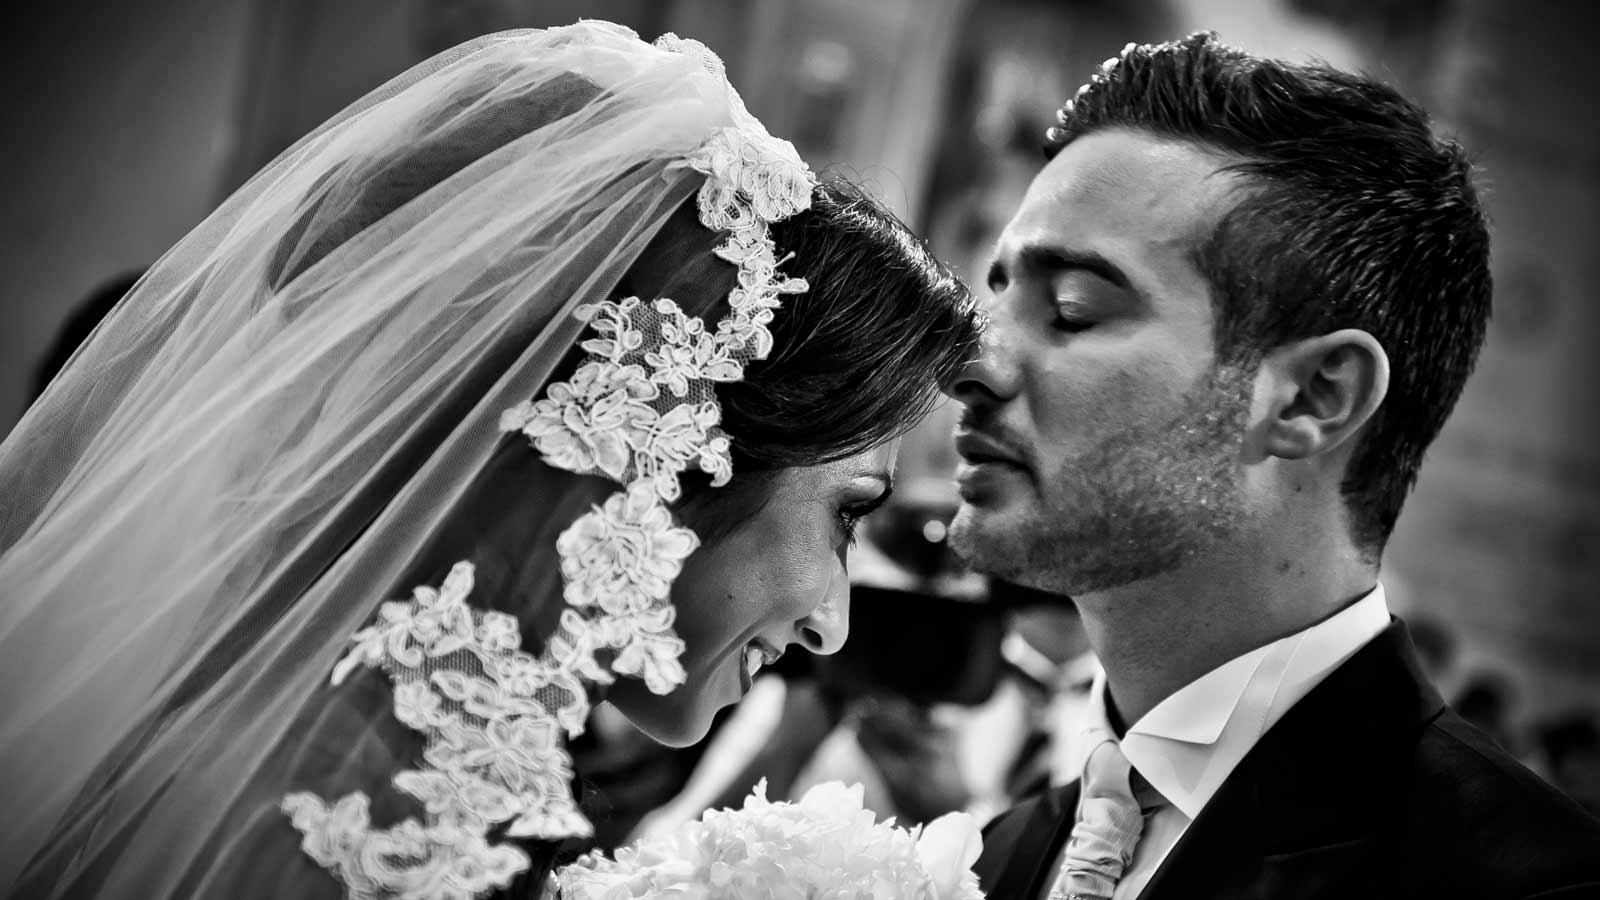 fotografo-matrimonio-taormina-sicilia-luxury-wedding-reportage-di-matrimonio-fotografo-messina-09